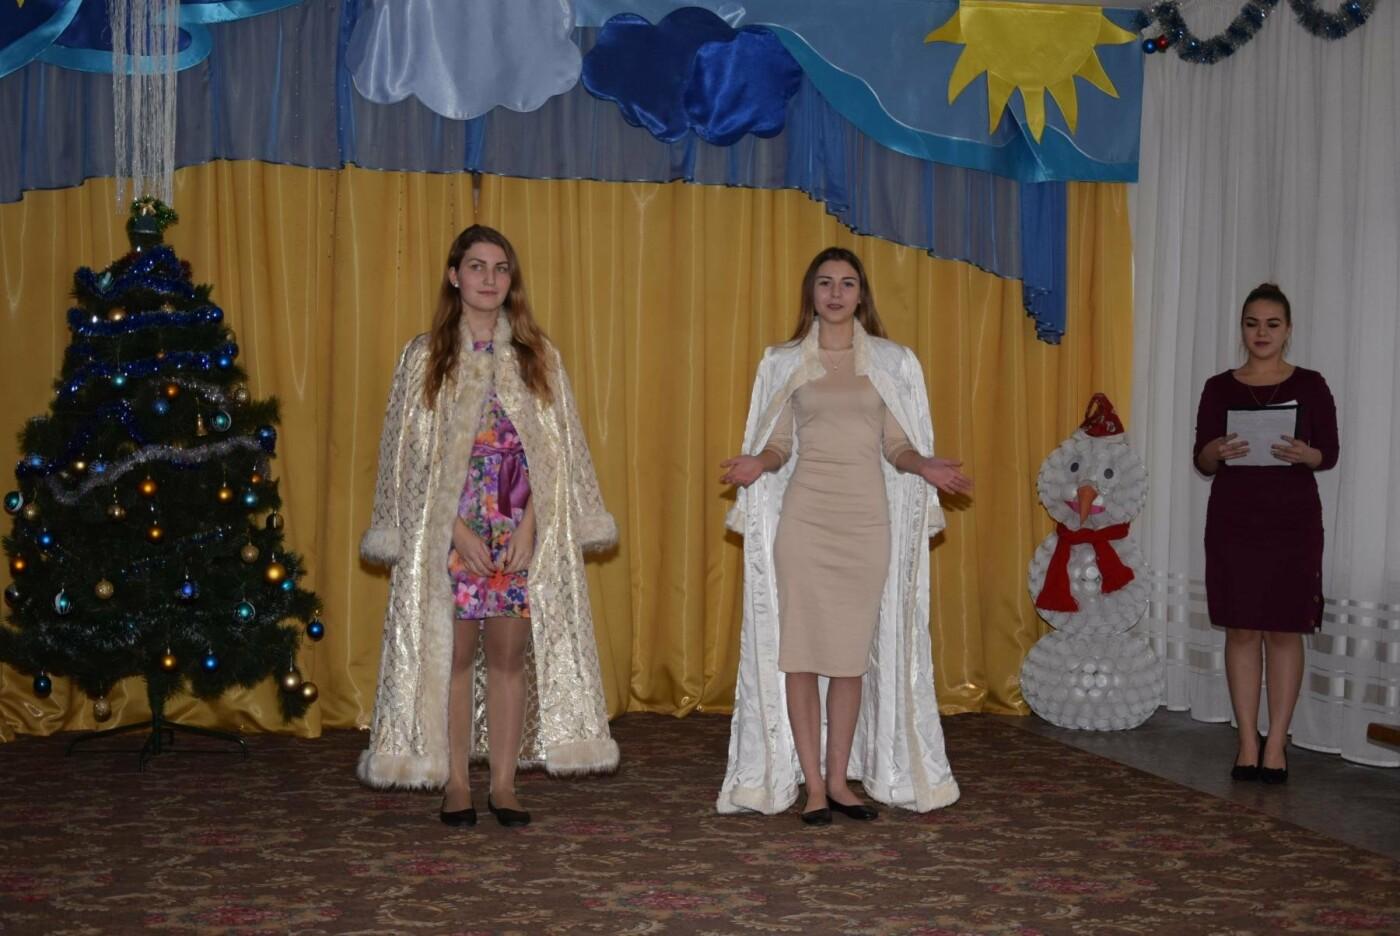 Воспитанников Каменского центра социально-психологической реабилитации детей поздравили с Днем Святого Николая , фото-3